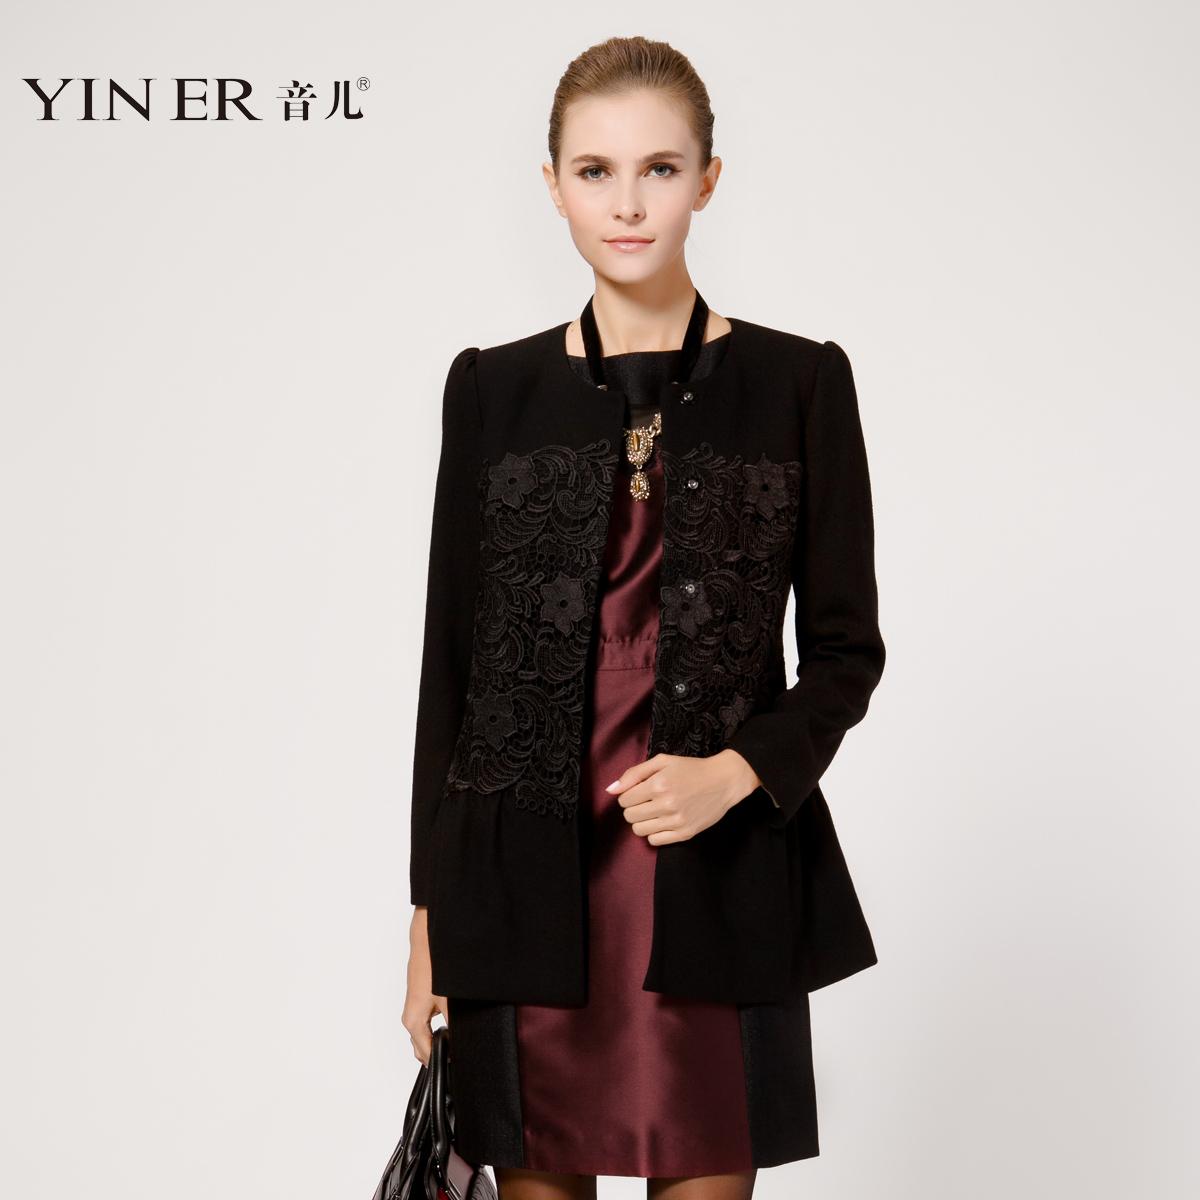 YINER音儿 专柜正品秋冬 高端蕾丝羊毛外套 大衣83510126